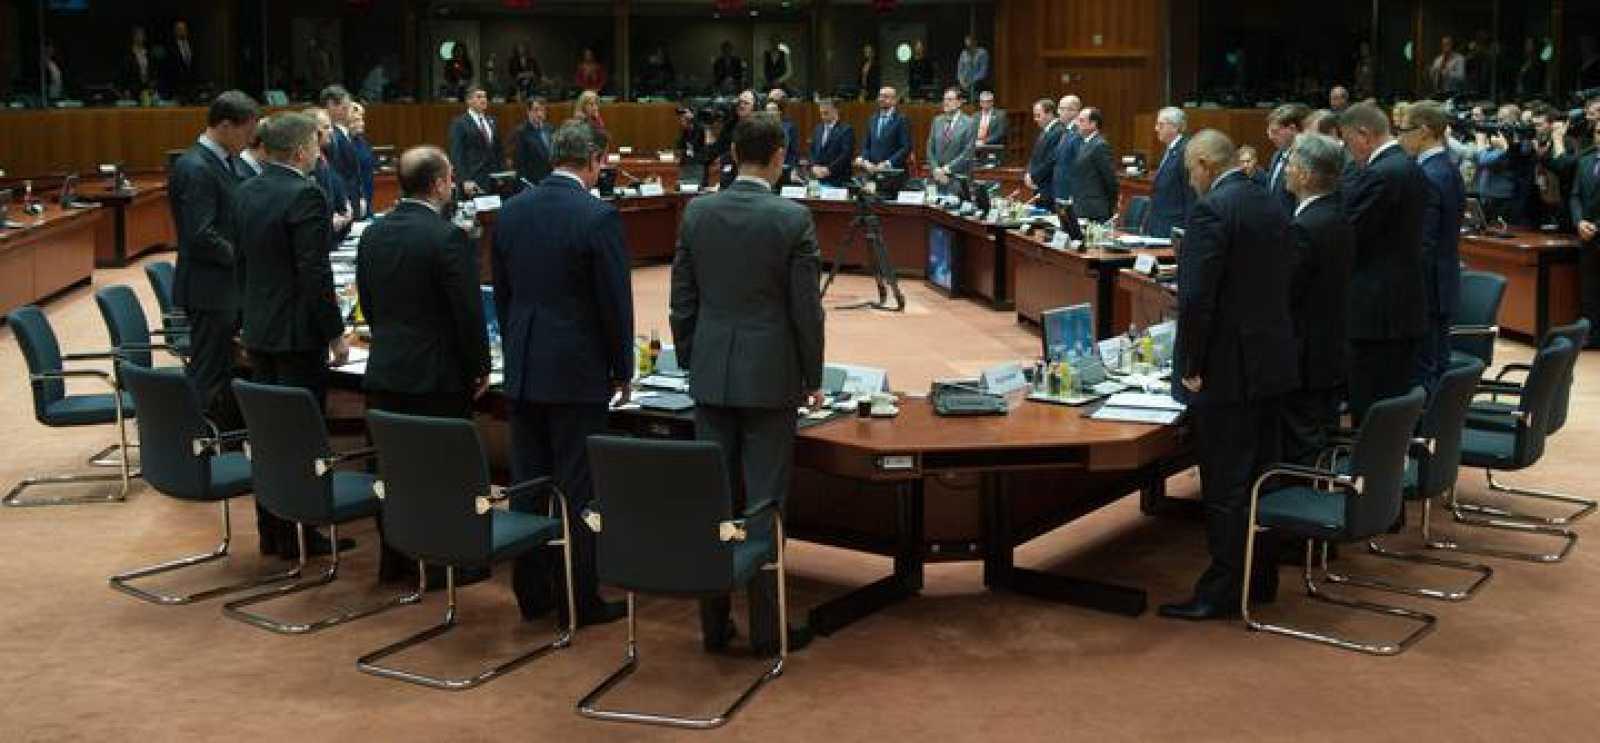 Los líderes de los Veintiocho guardan un minuto de silencio por las víctimas de la tragedia antes de celebrar su reunión extraordinaria.